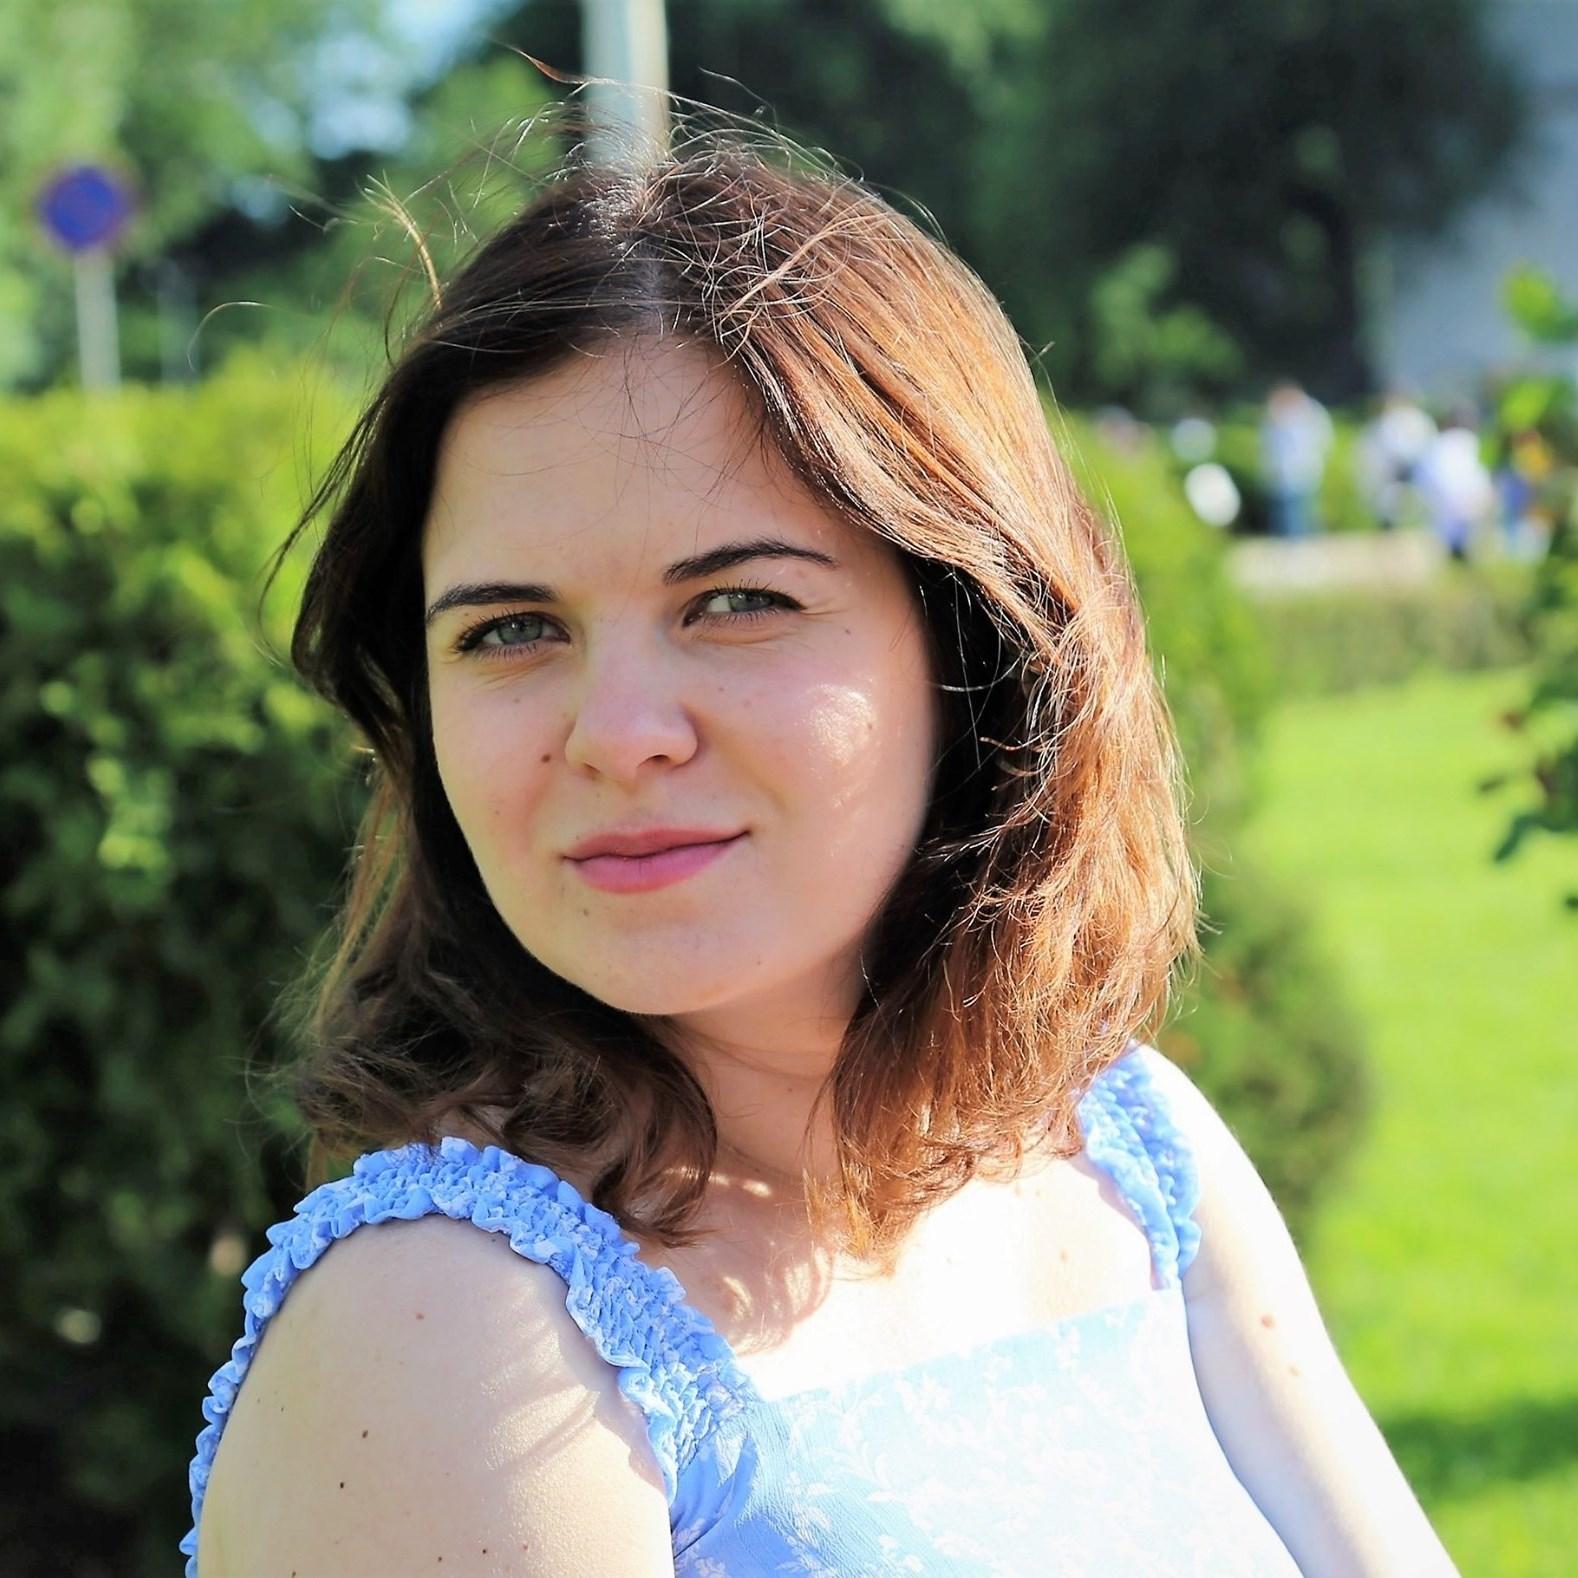 Victoriia Yermolayeva